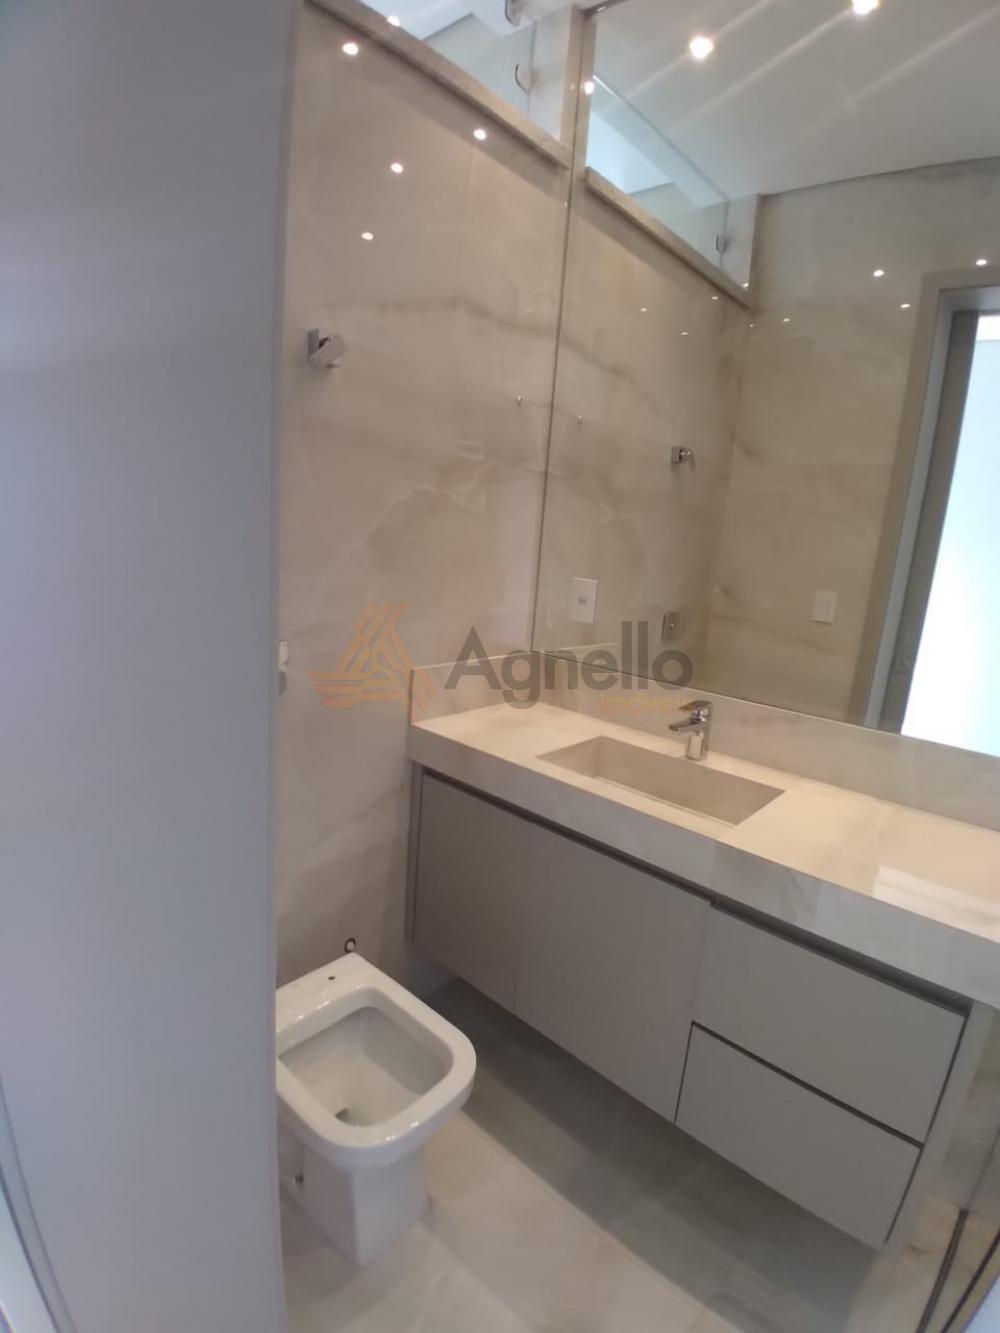 Comprar Casa / Condomínio em Franca apenas R$ 1.850.000,00 - Foto 14